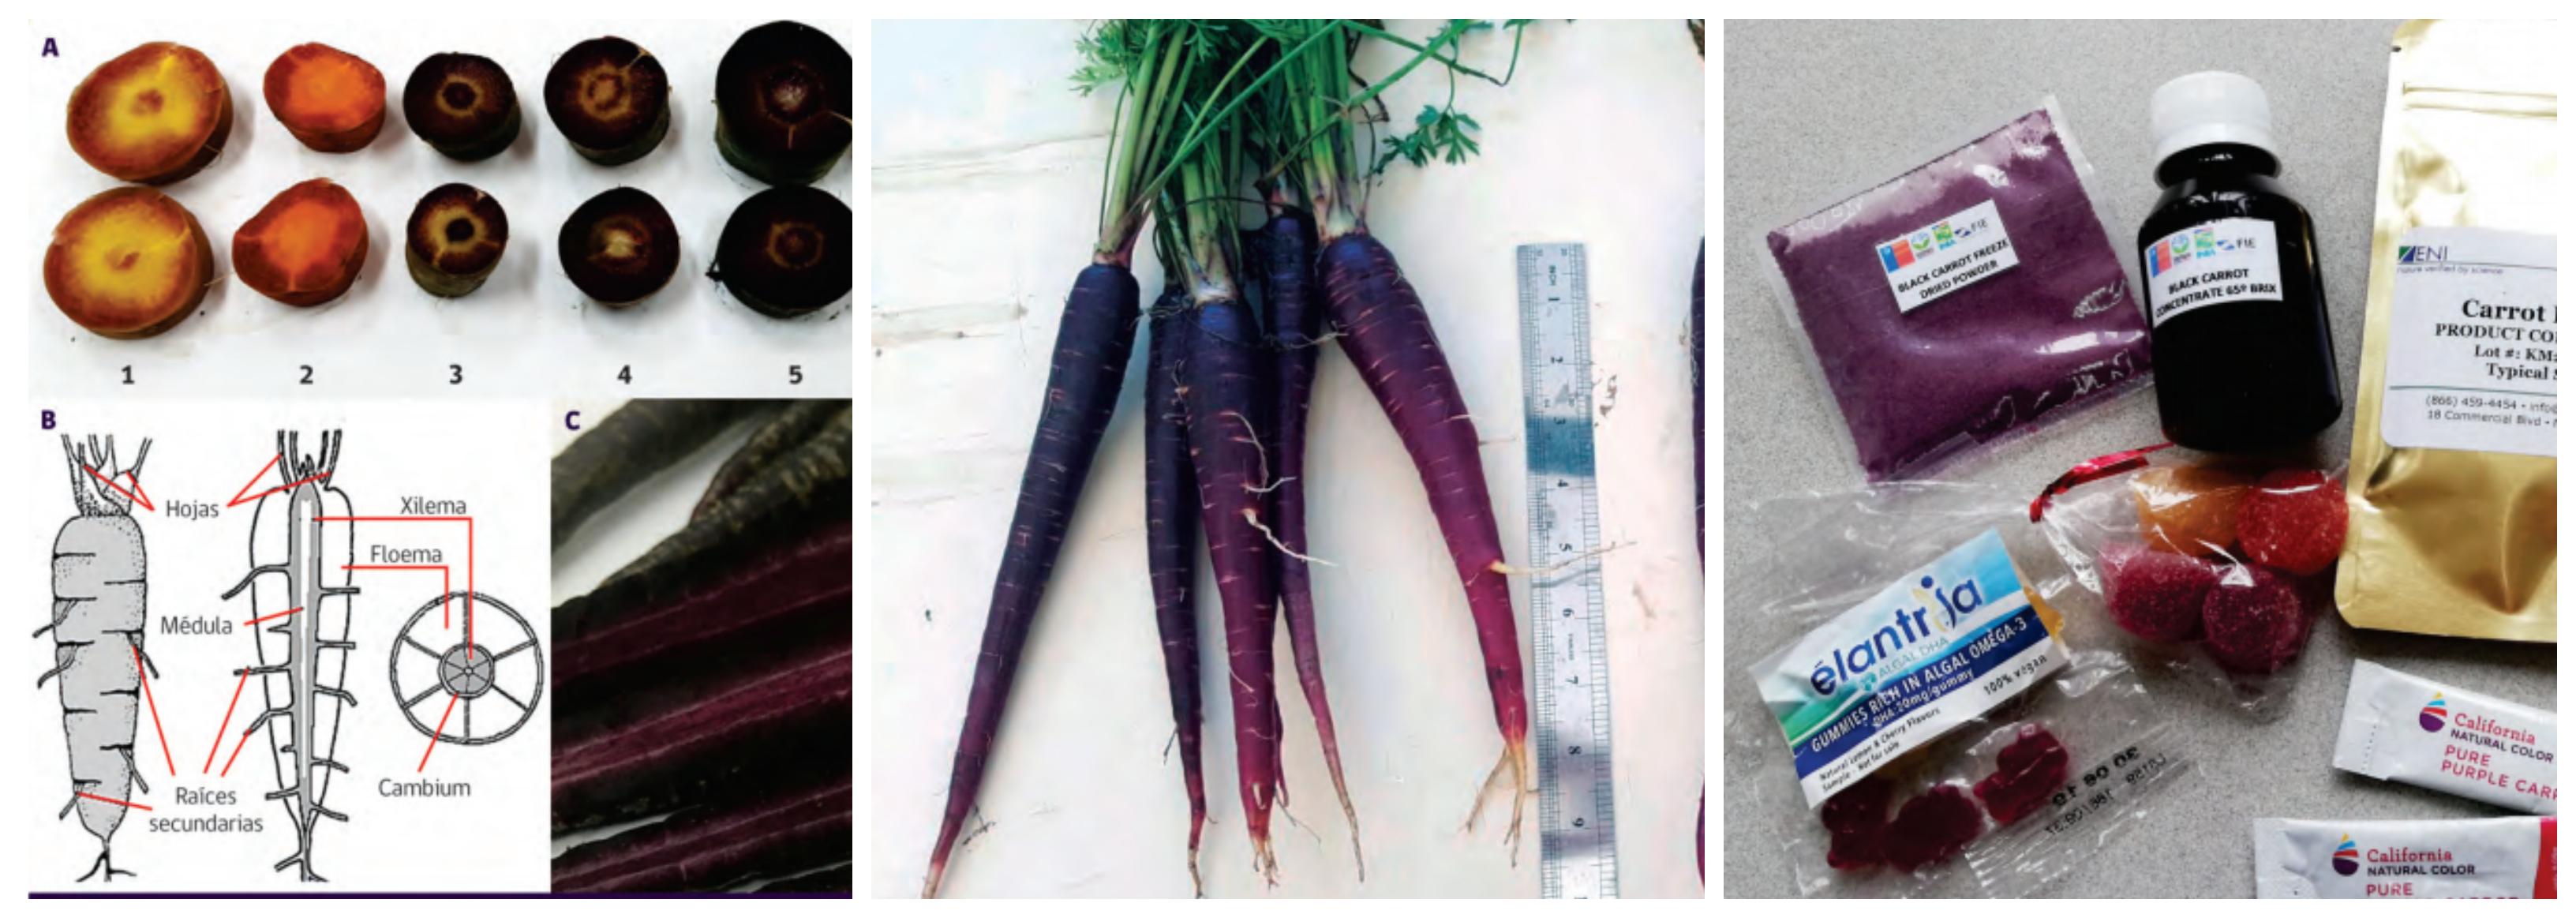 Zanahoria Morada Potencial Materia Prima Para Color Y Antioxidante Actualidad, última hora, hemeroteca, vídeos, y fotos. zanahoria morada potencial materia